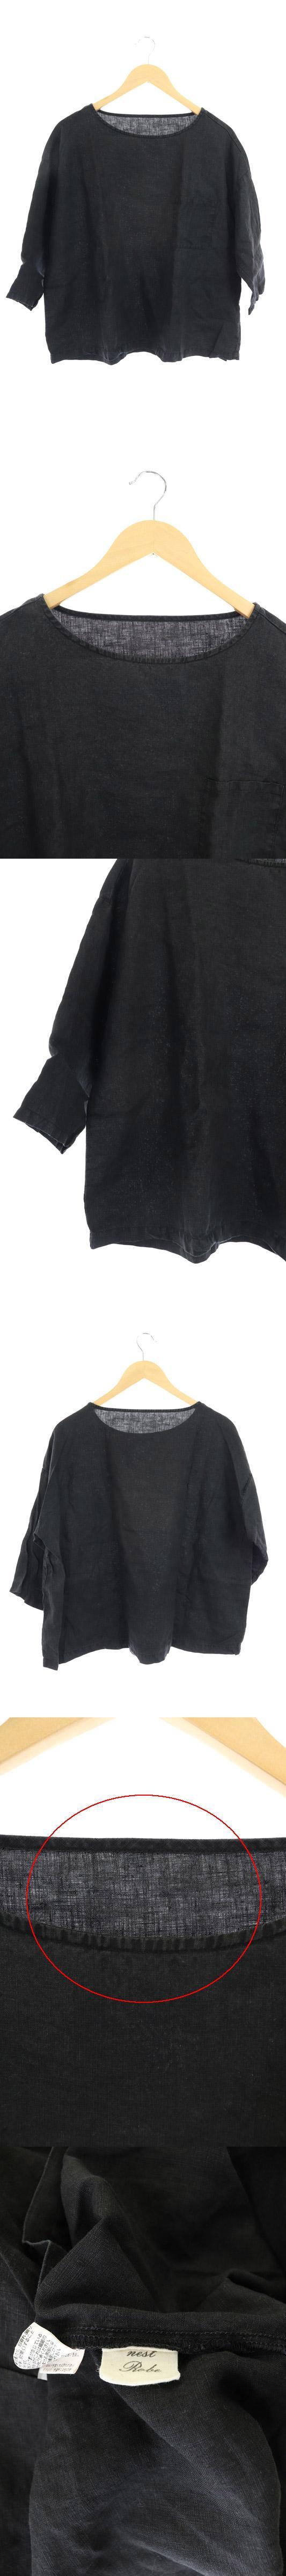 ブラウス リネン プルオーバー 七分袖 黒 /AO ■OS